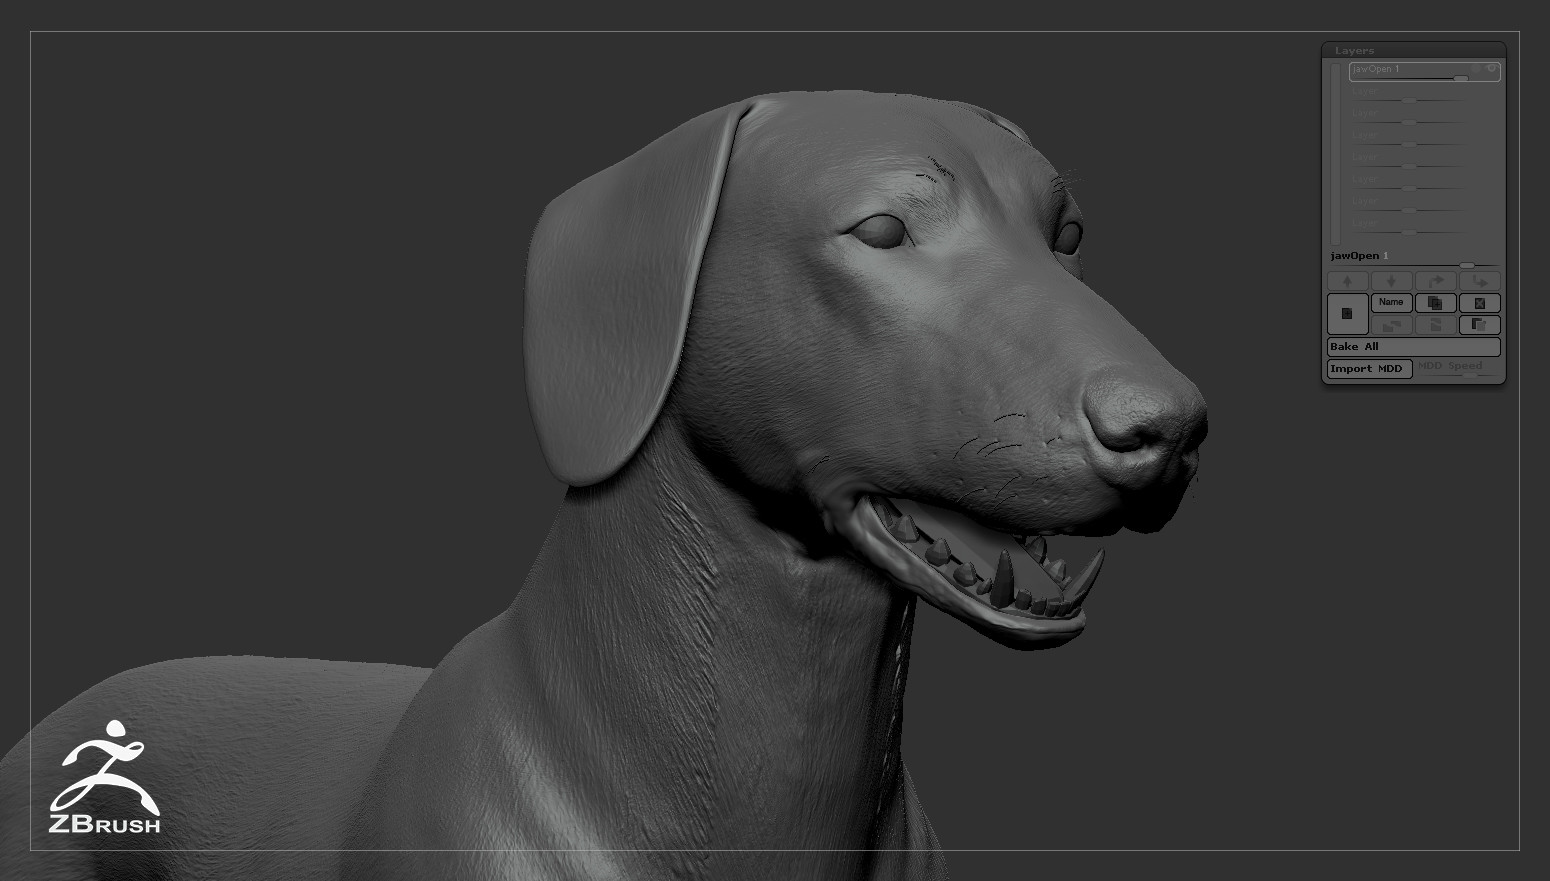 Alex lashko dachshund by alexlashko zbrush 07